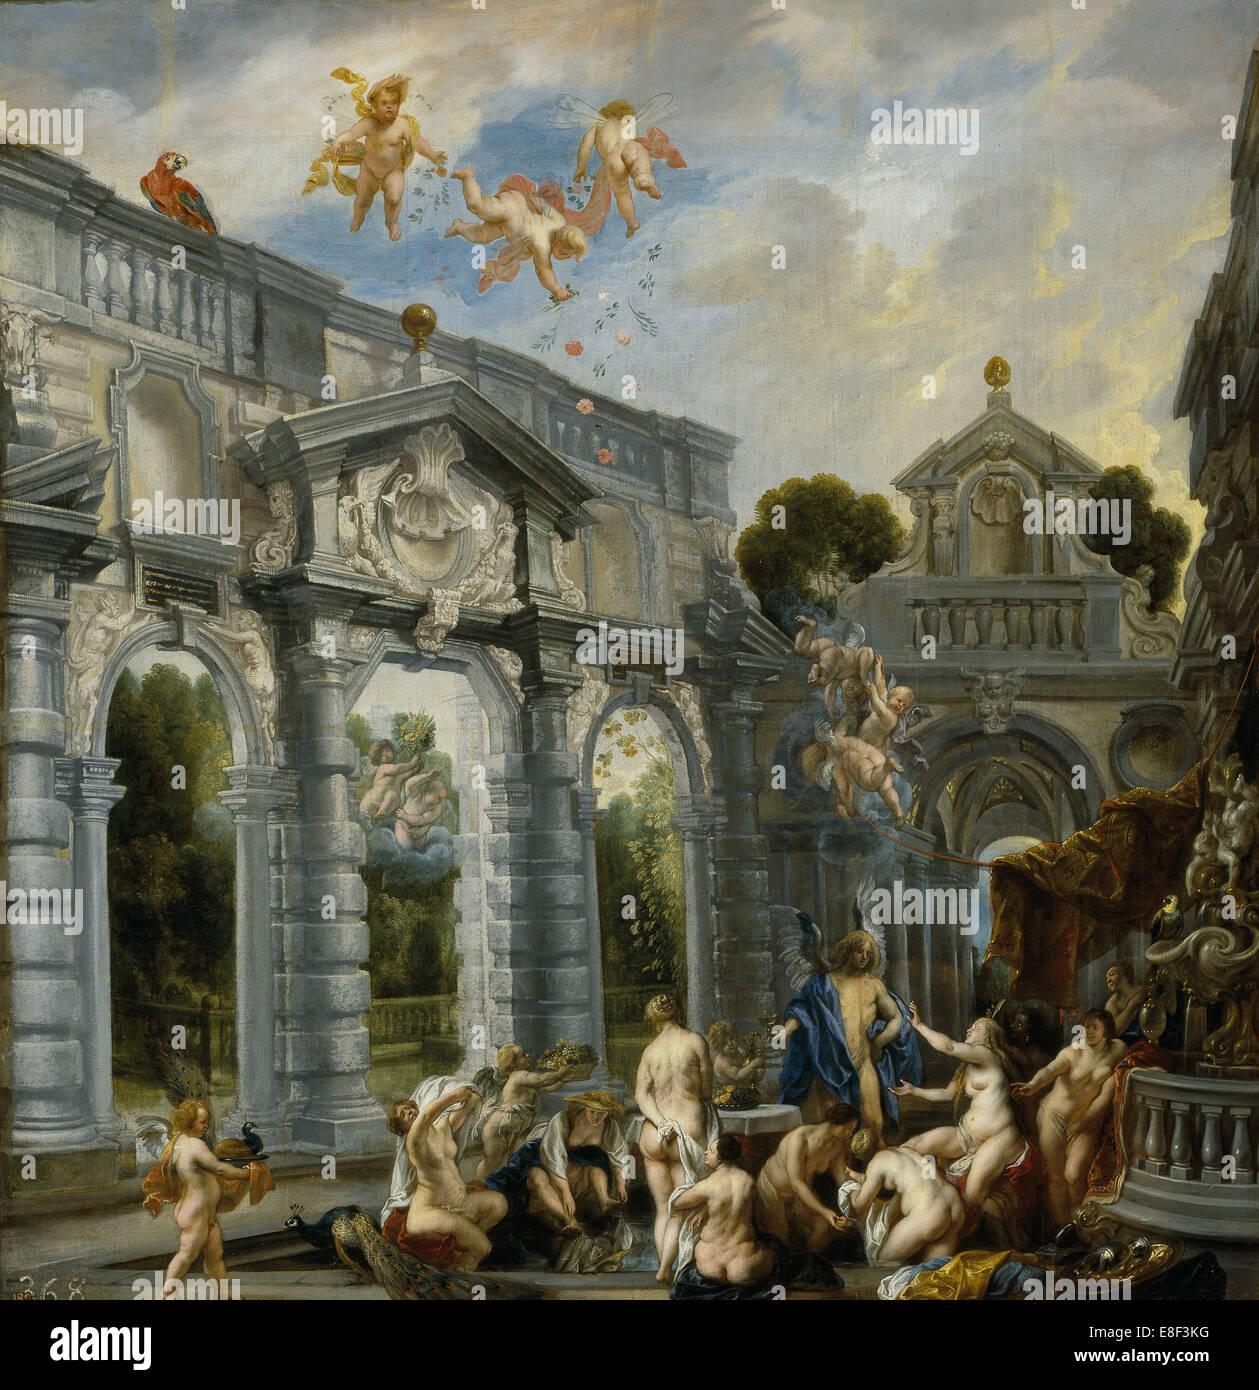 Amor y Psique. Artista: Jordaens, Jacob (1593-1678) Imagen De Stock